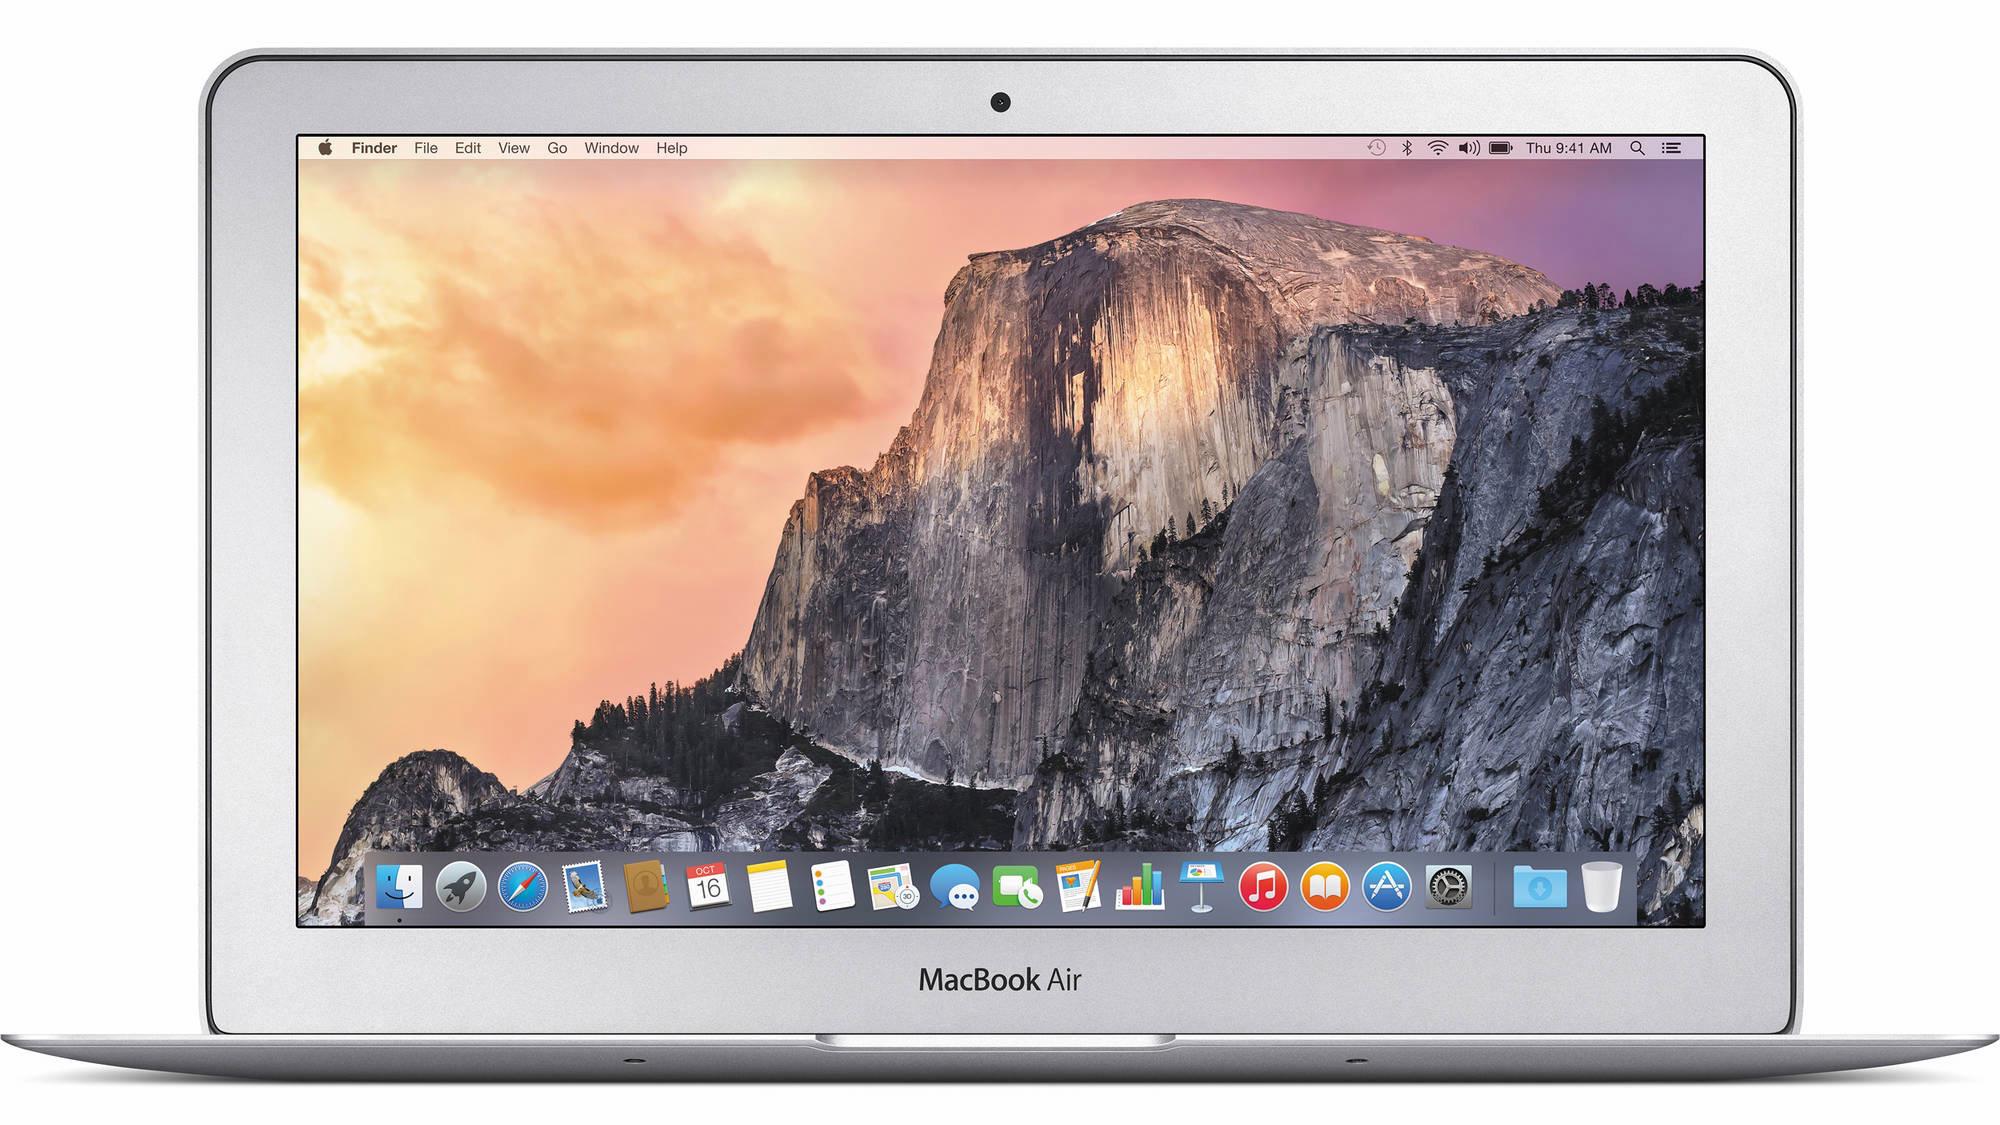 macbook-air-mjvp2lla